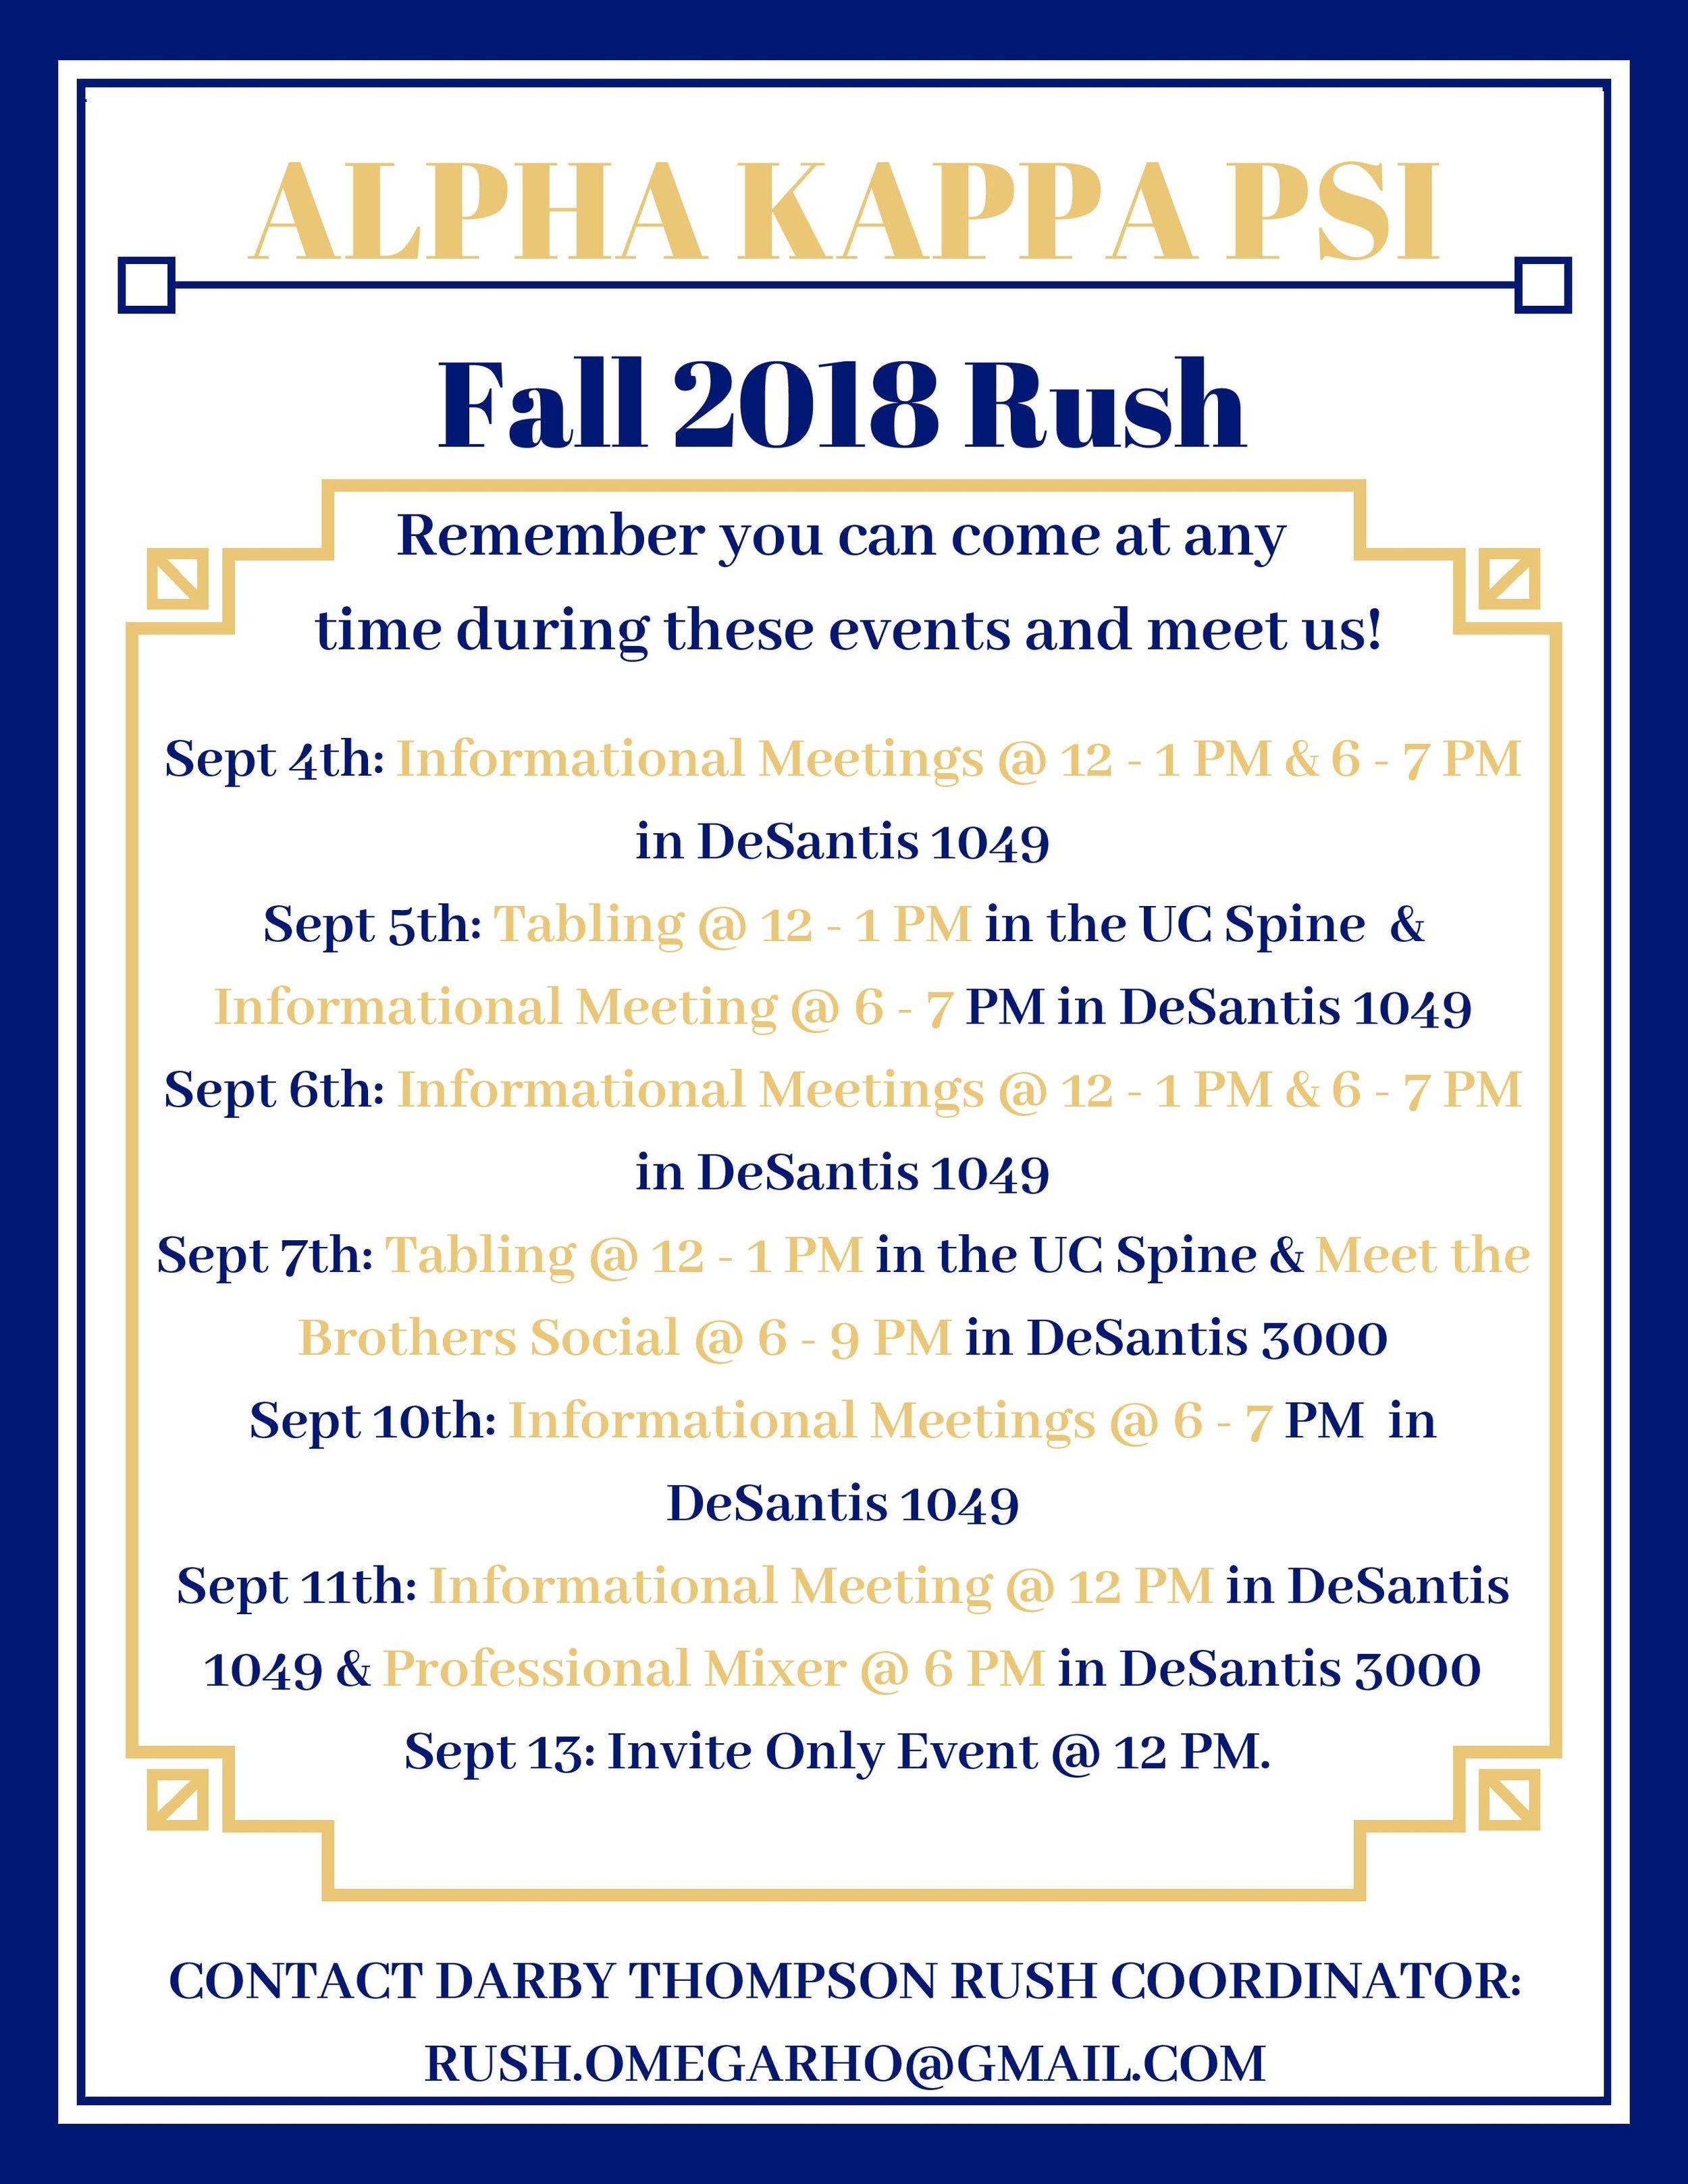 rush_week_fall2018.jpg